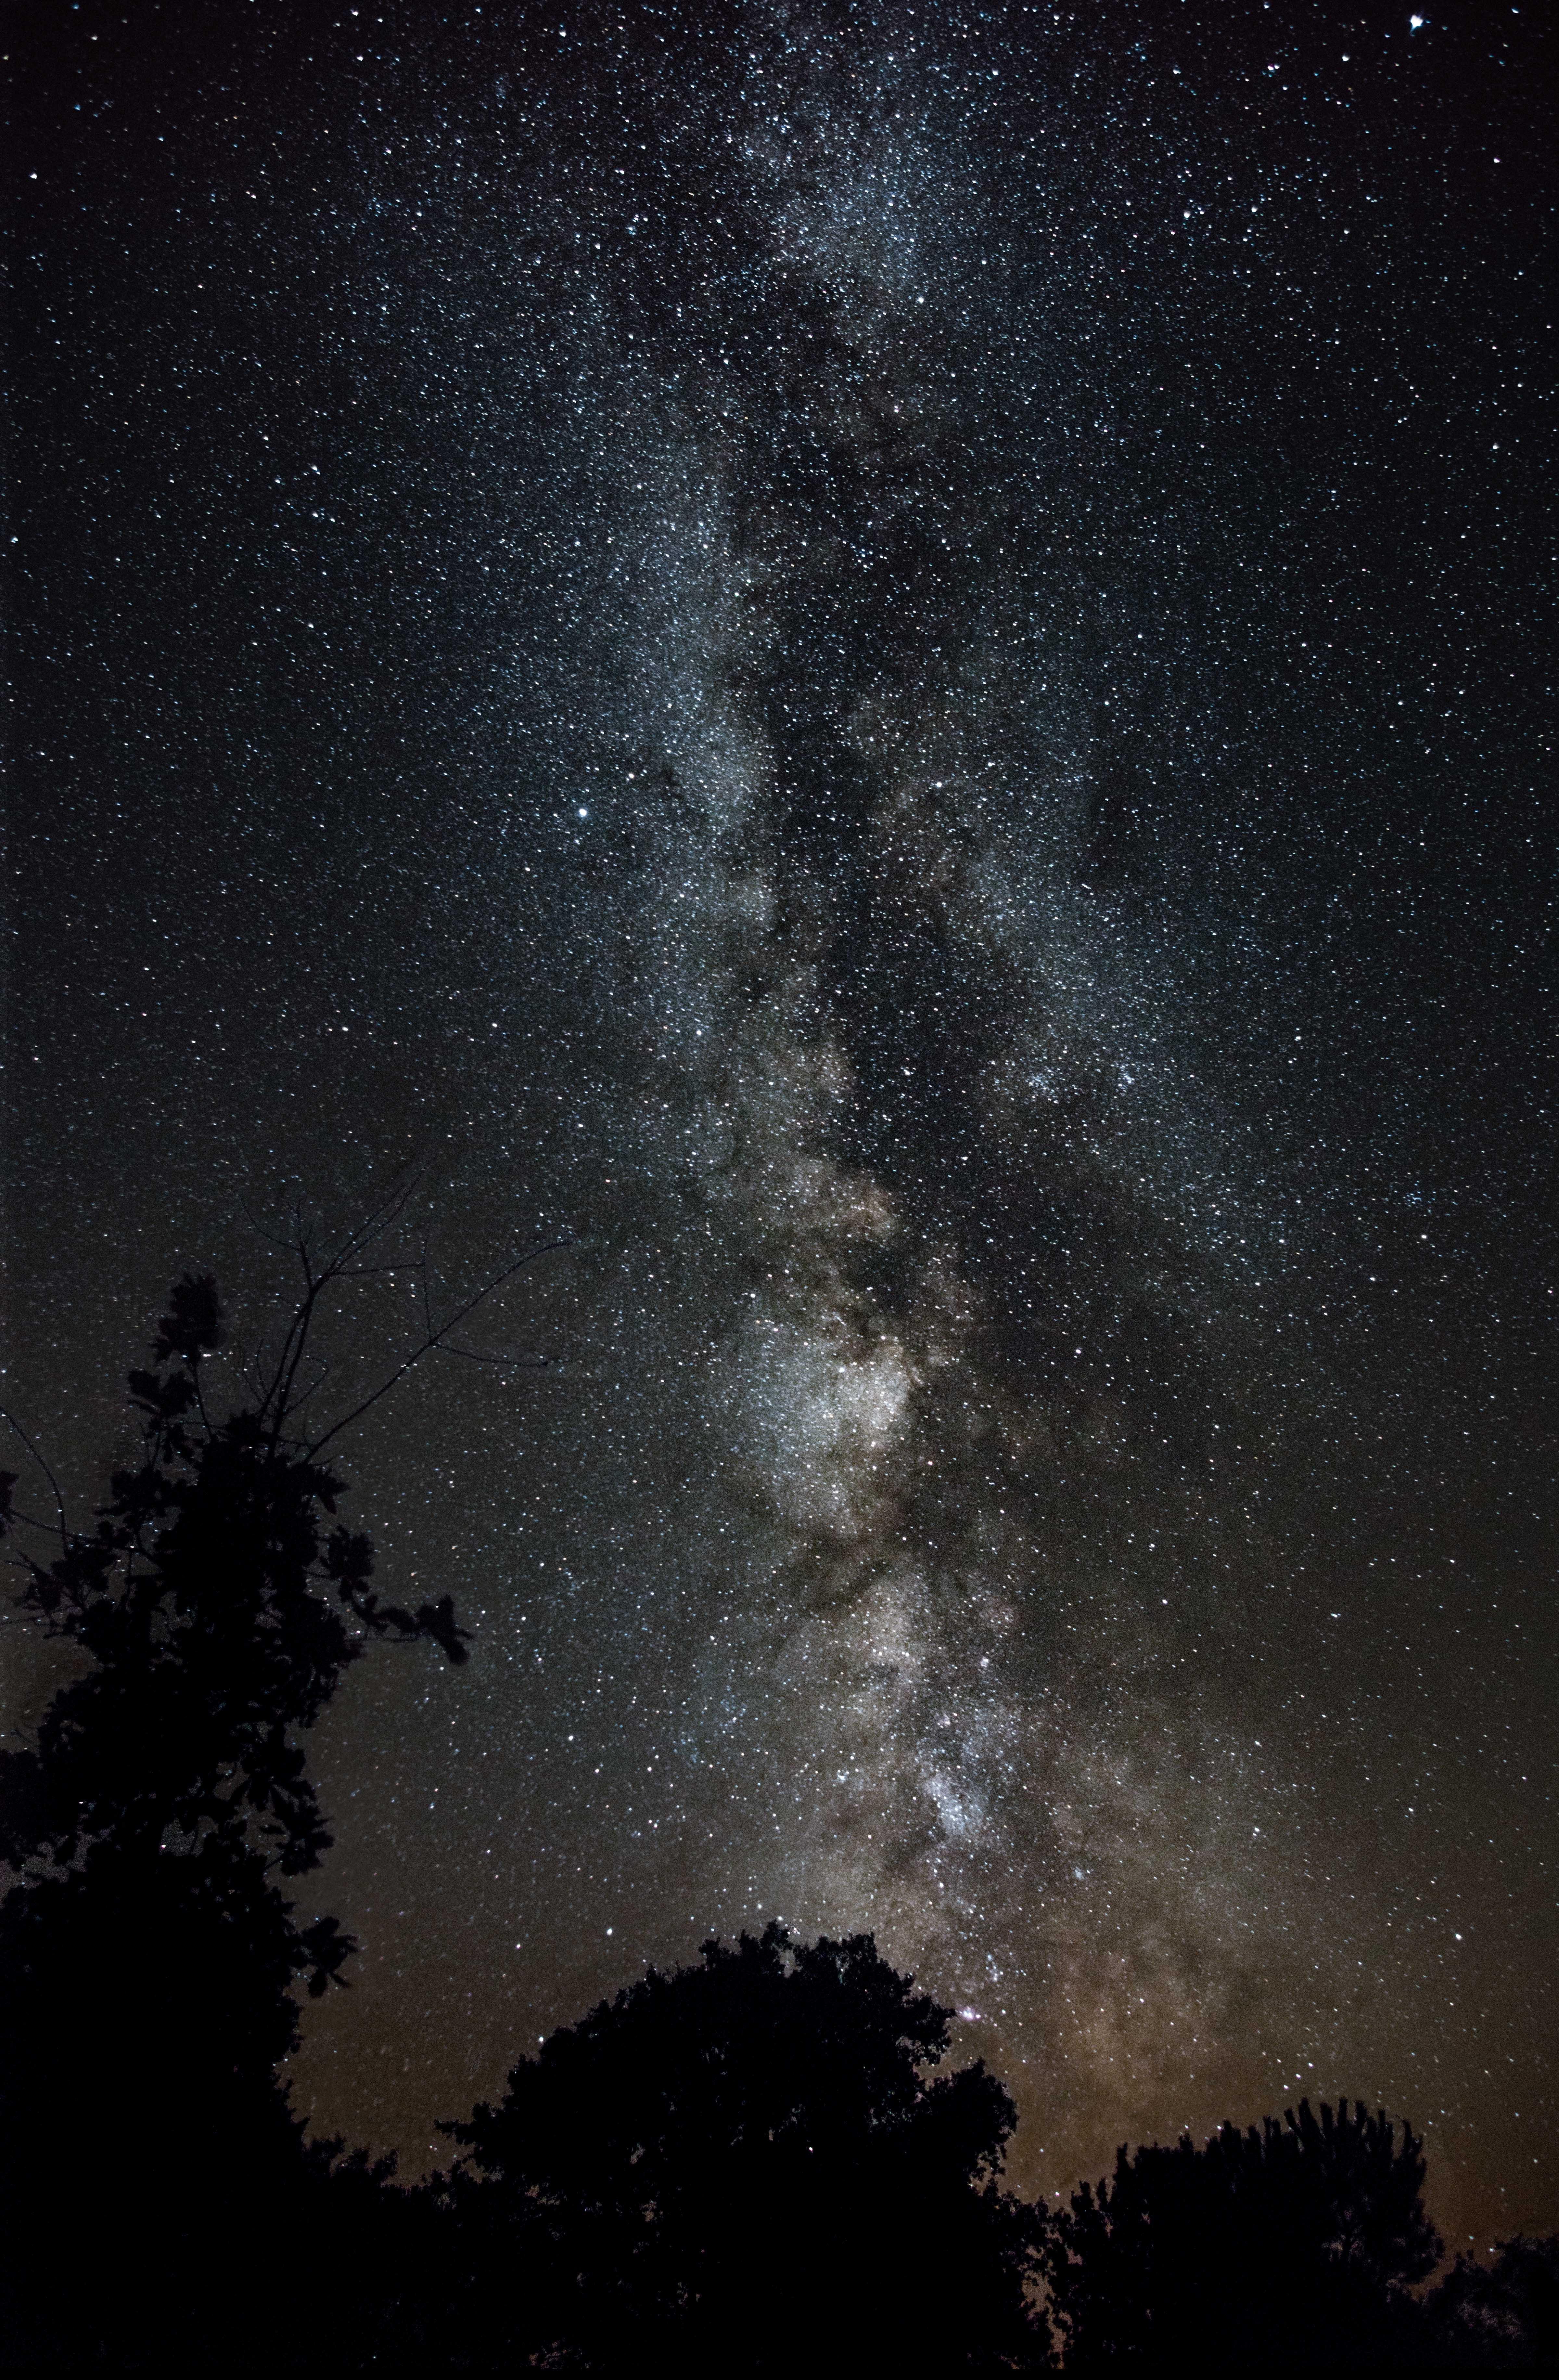 Voie Lactée - Page 6 355642VoieLactee400716forum